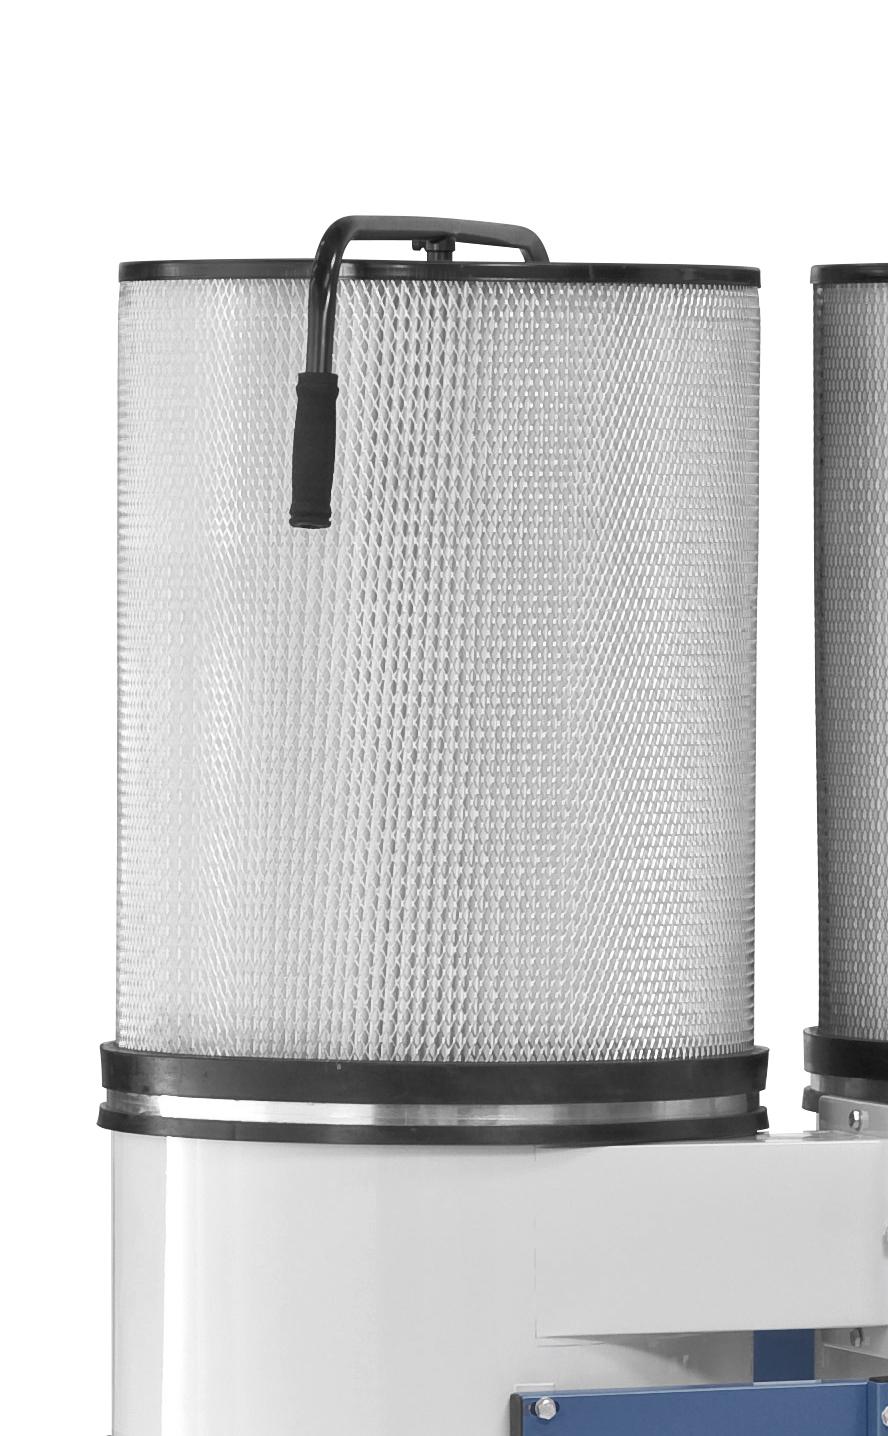 Effektive Steigerung der Absaugleistung durch nachrüstbare Feinstaub-Filterpatrone (Option)